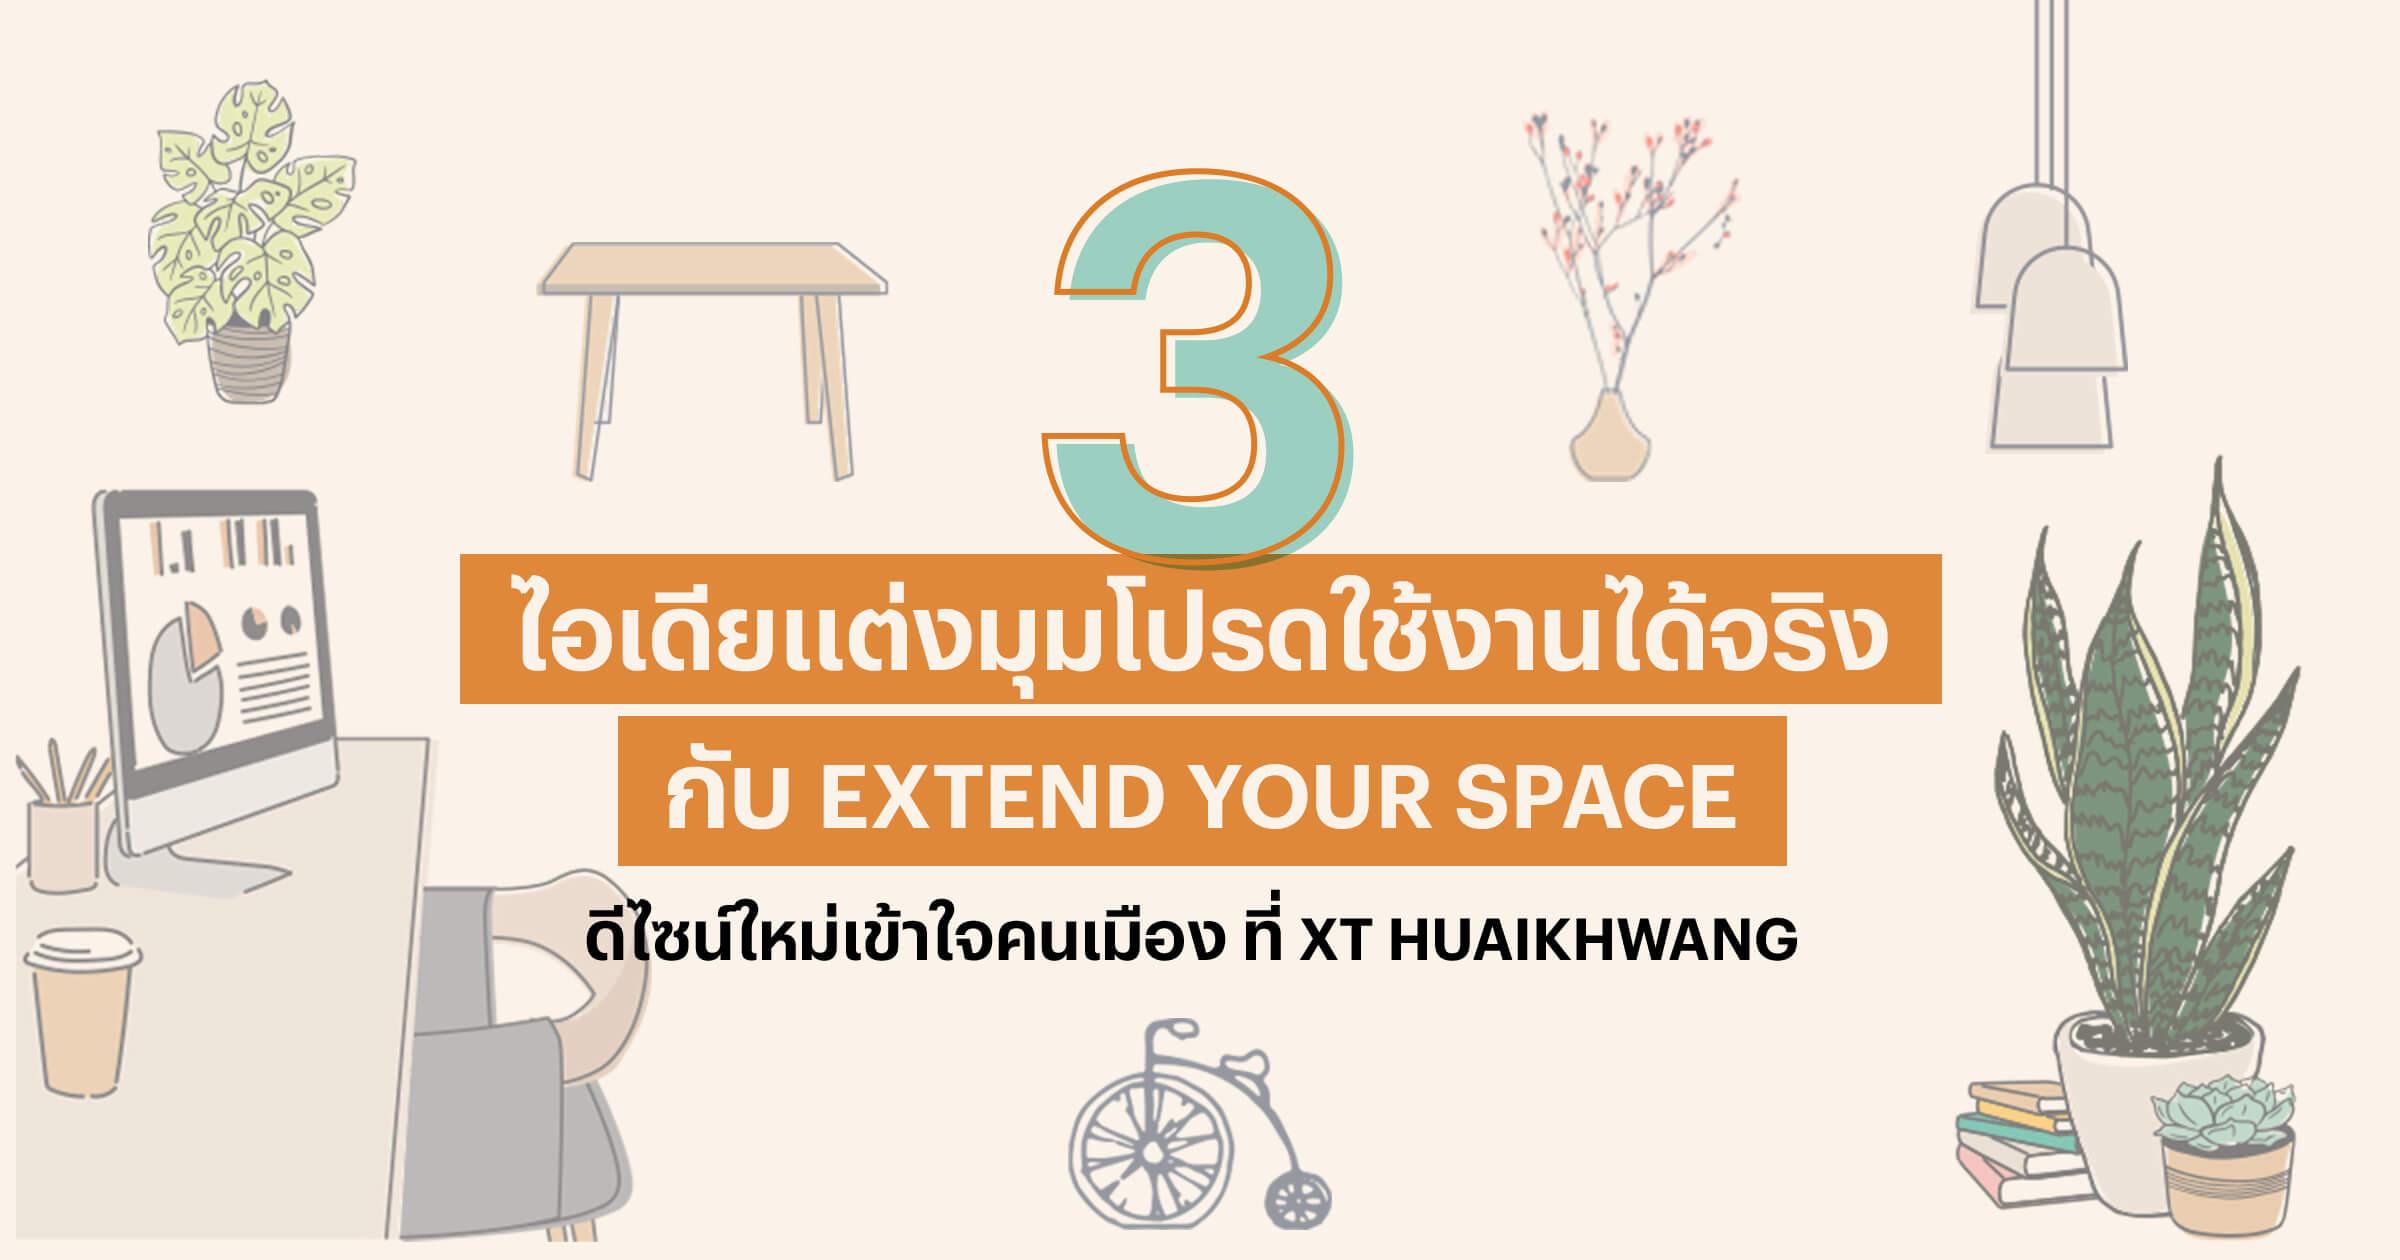 3 ไอเดียแต่งมุมโปรดให้ใช้งานได้จริง กับ Extend Your Space ที่ XT ห้วยขวาง